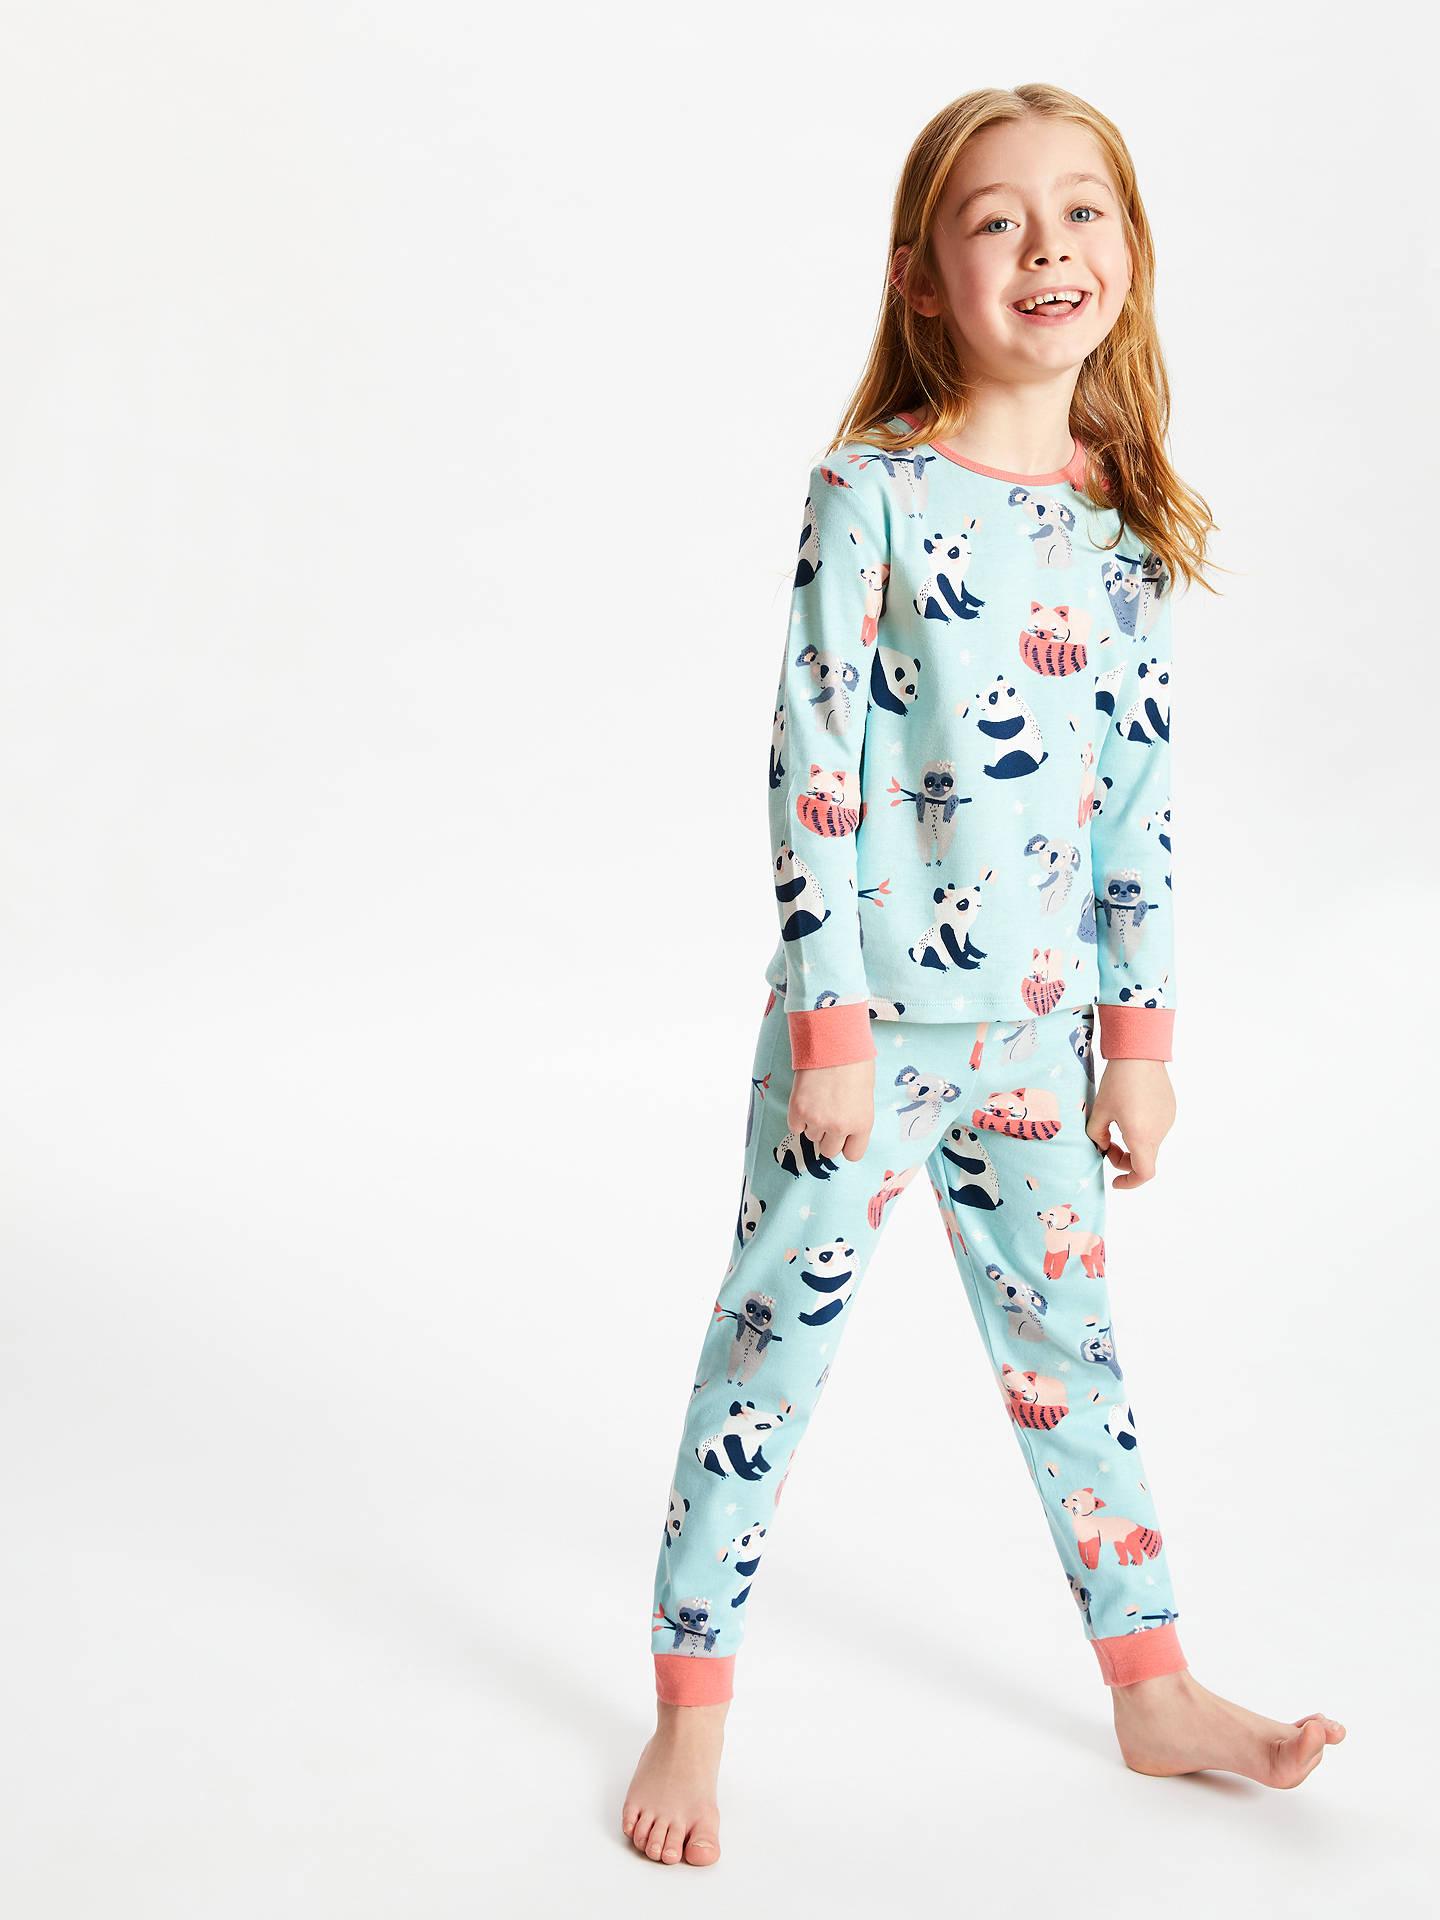 BuyJohn Lewis   Partners Girls  Panda Print Pyjamas d7a02a800